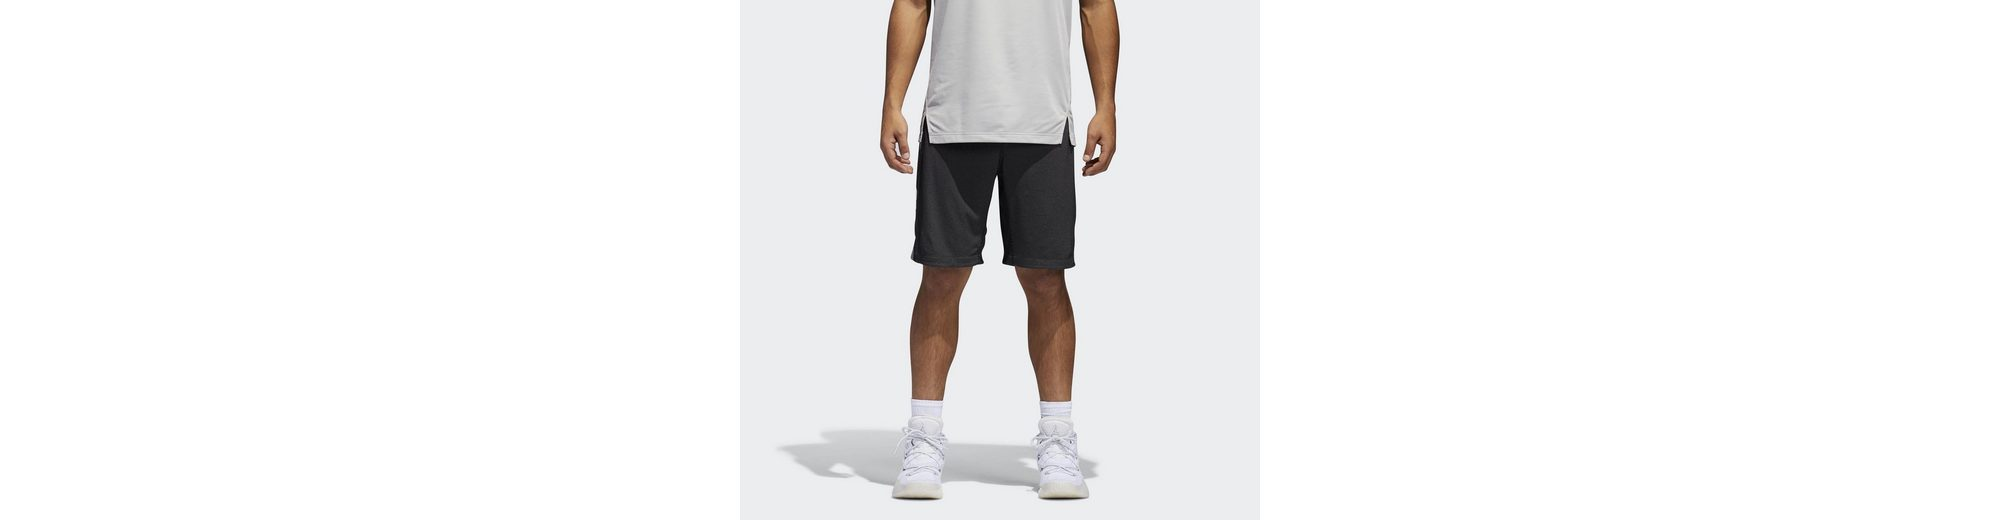 Bester Speicher Billig Online Zu Bekommen Aus Deutschland adidas Performance Shorts Ball 365 Reversible Shorts EsLn3X3Y